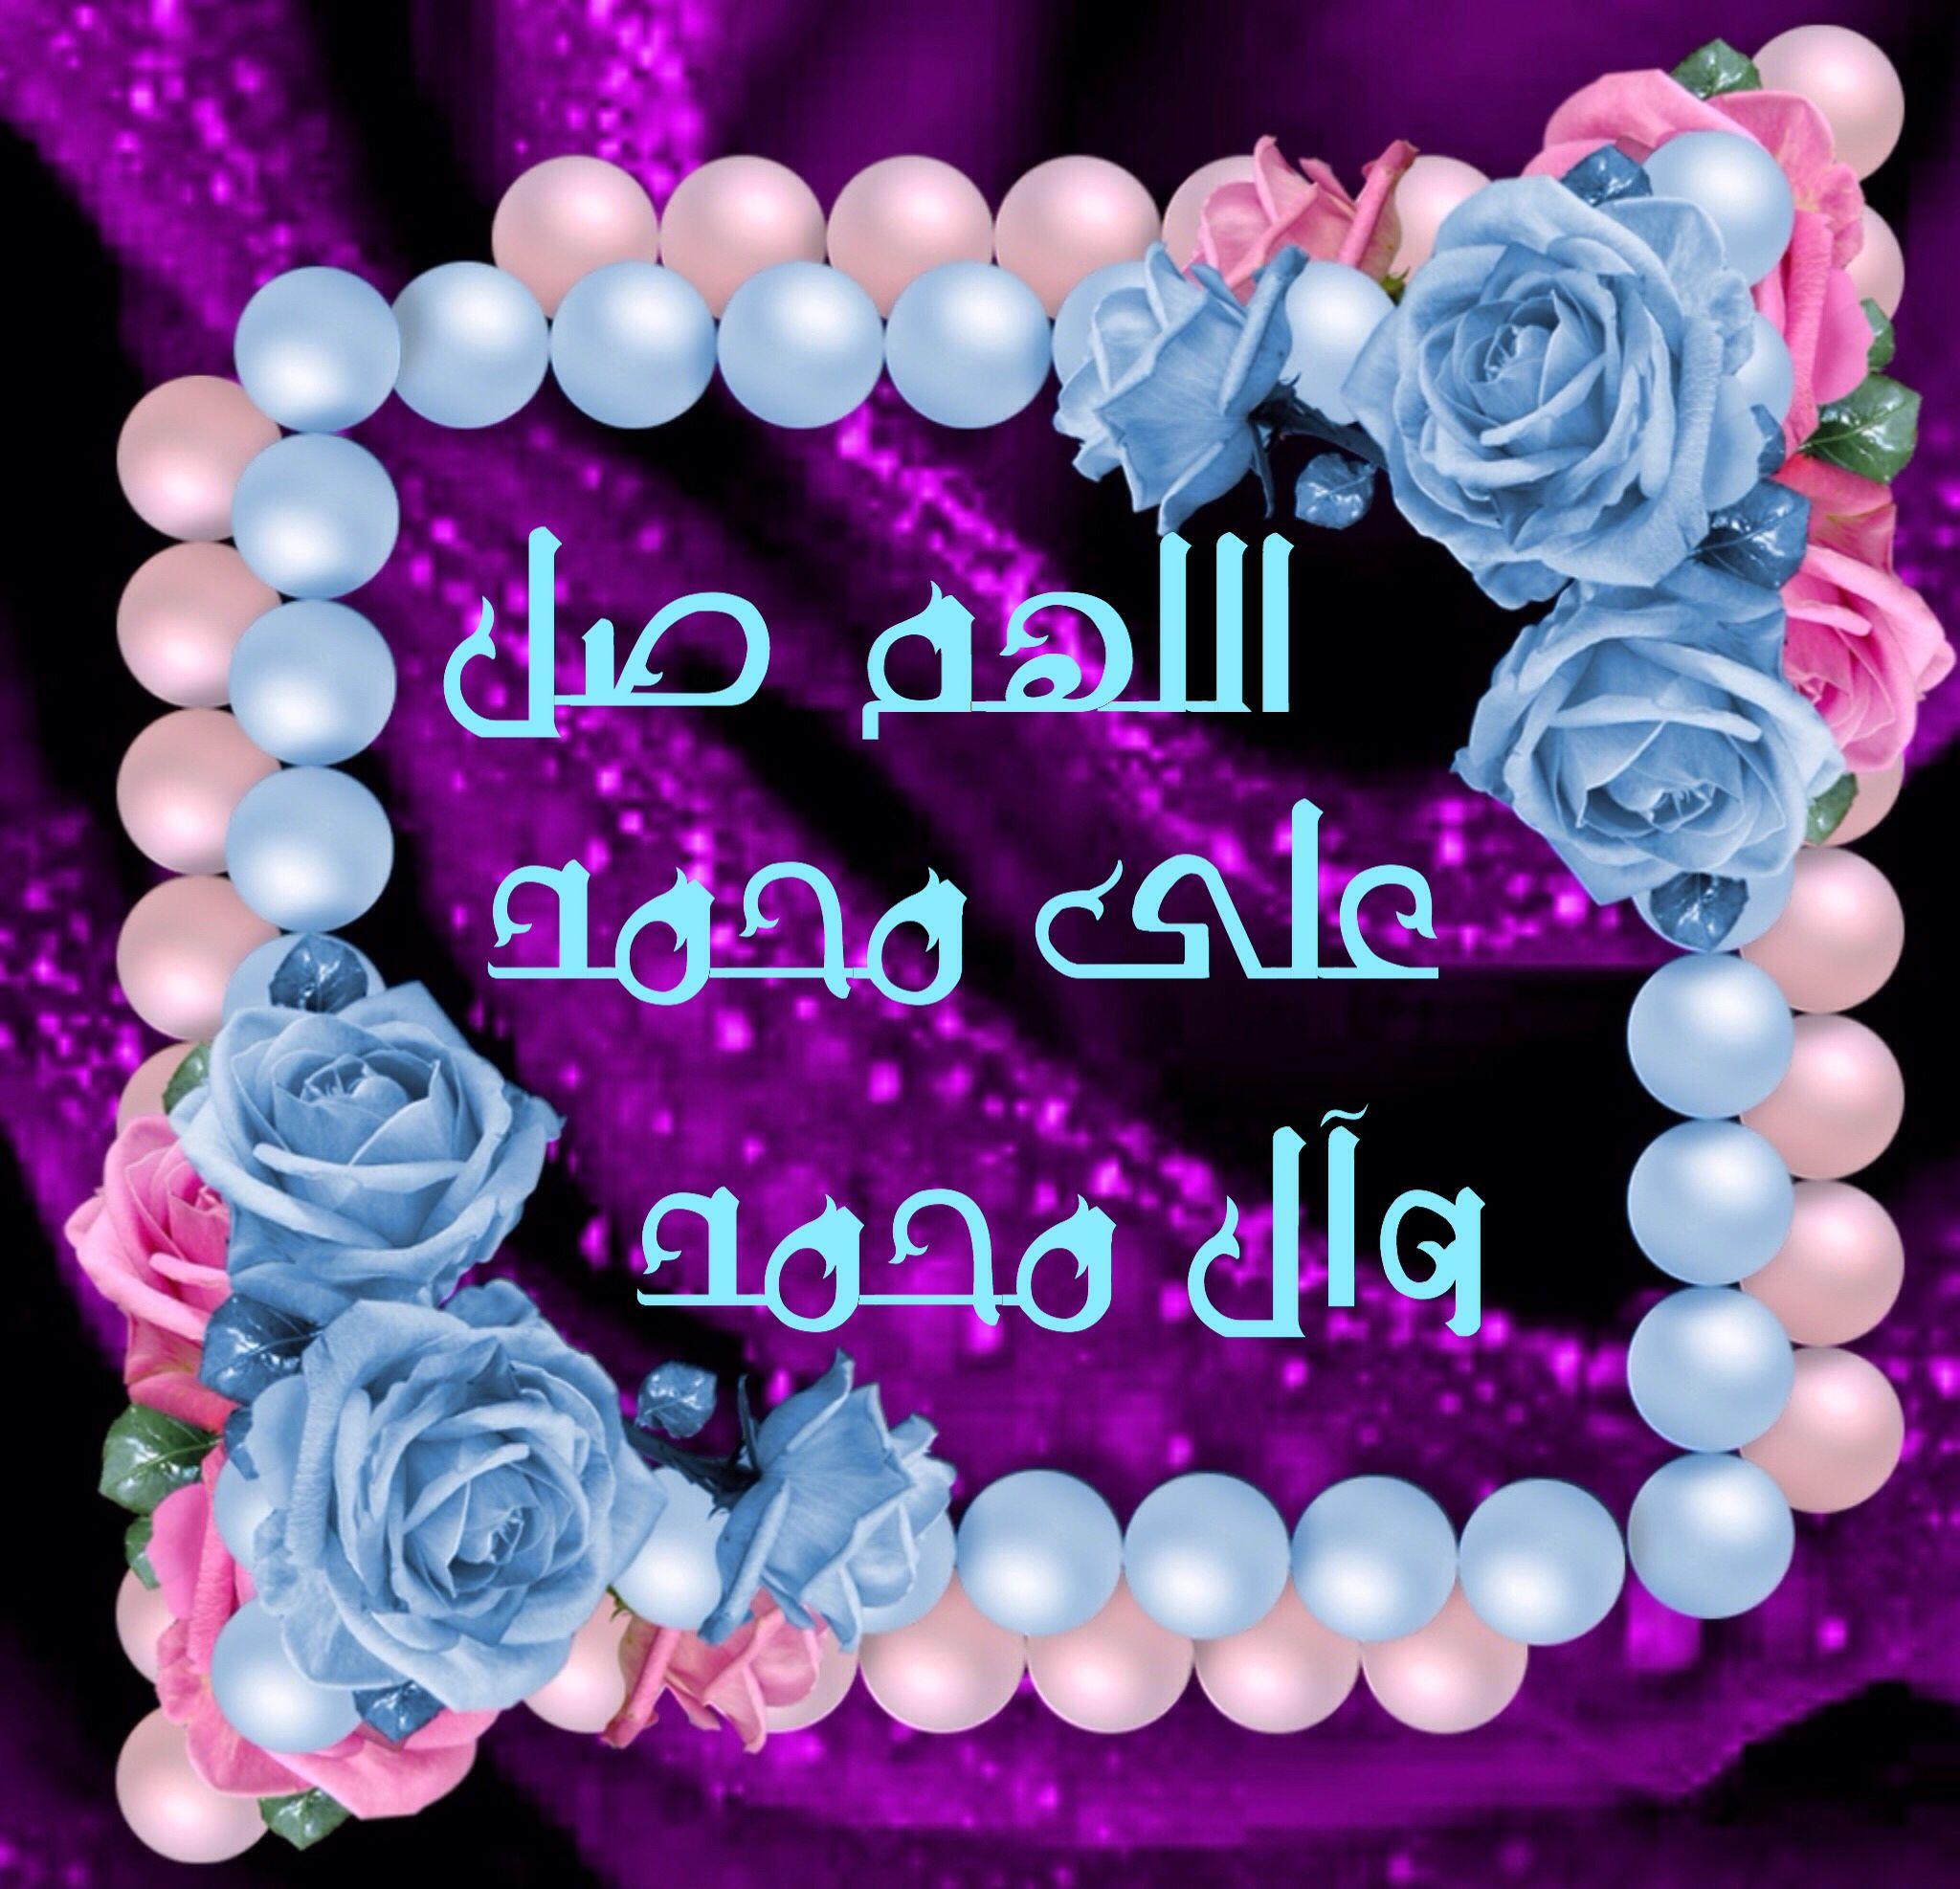 اللهم صل على محمد وآل محمد وعجل فرجهم Allah Alhamdulillah Islam